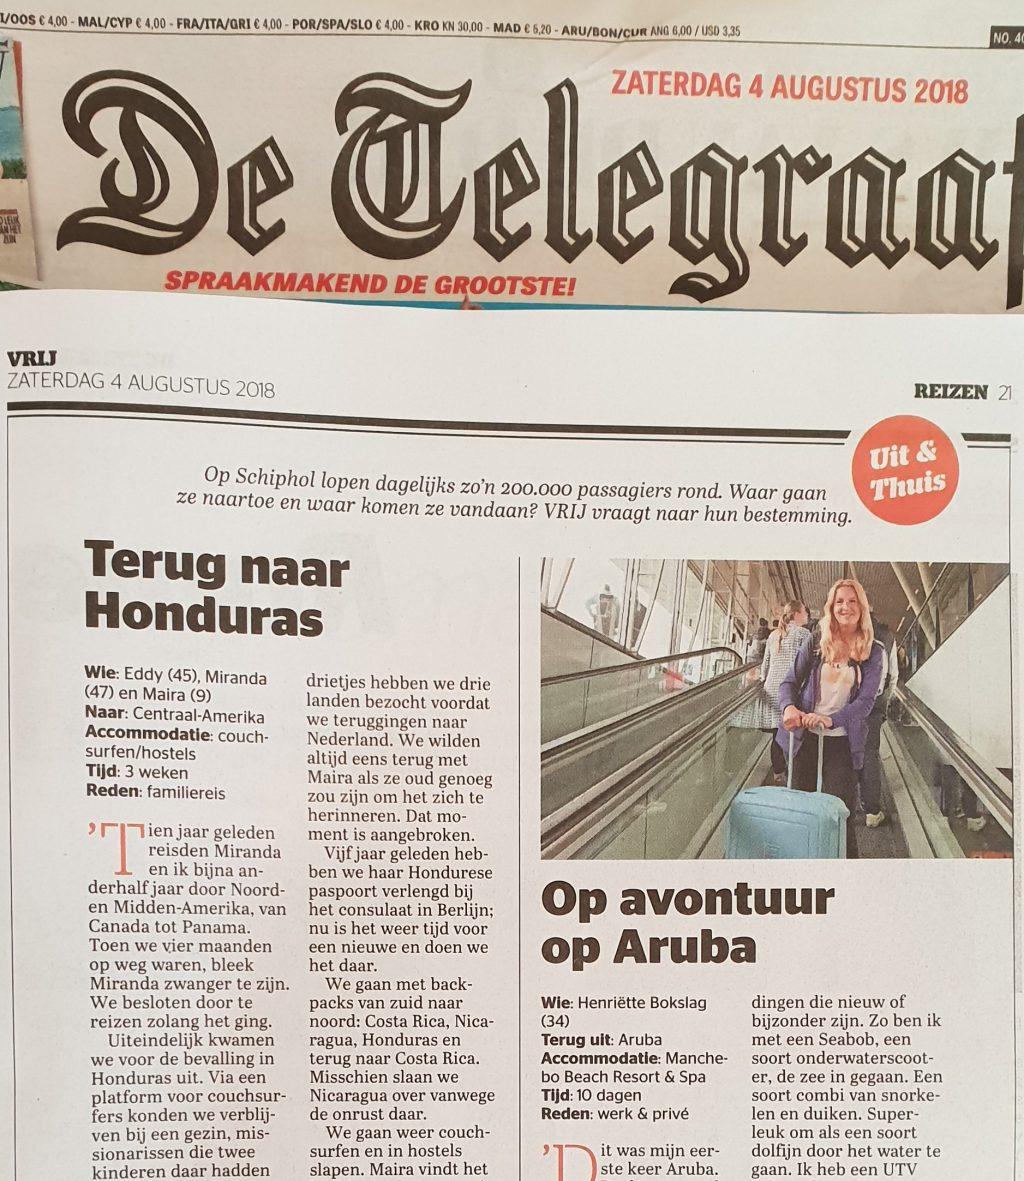 Magazine VRIJ - De Telegraaf